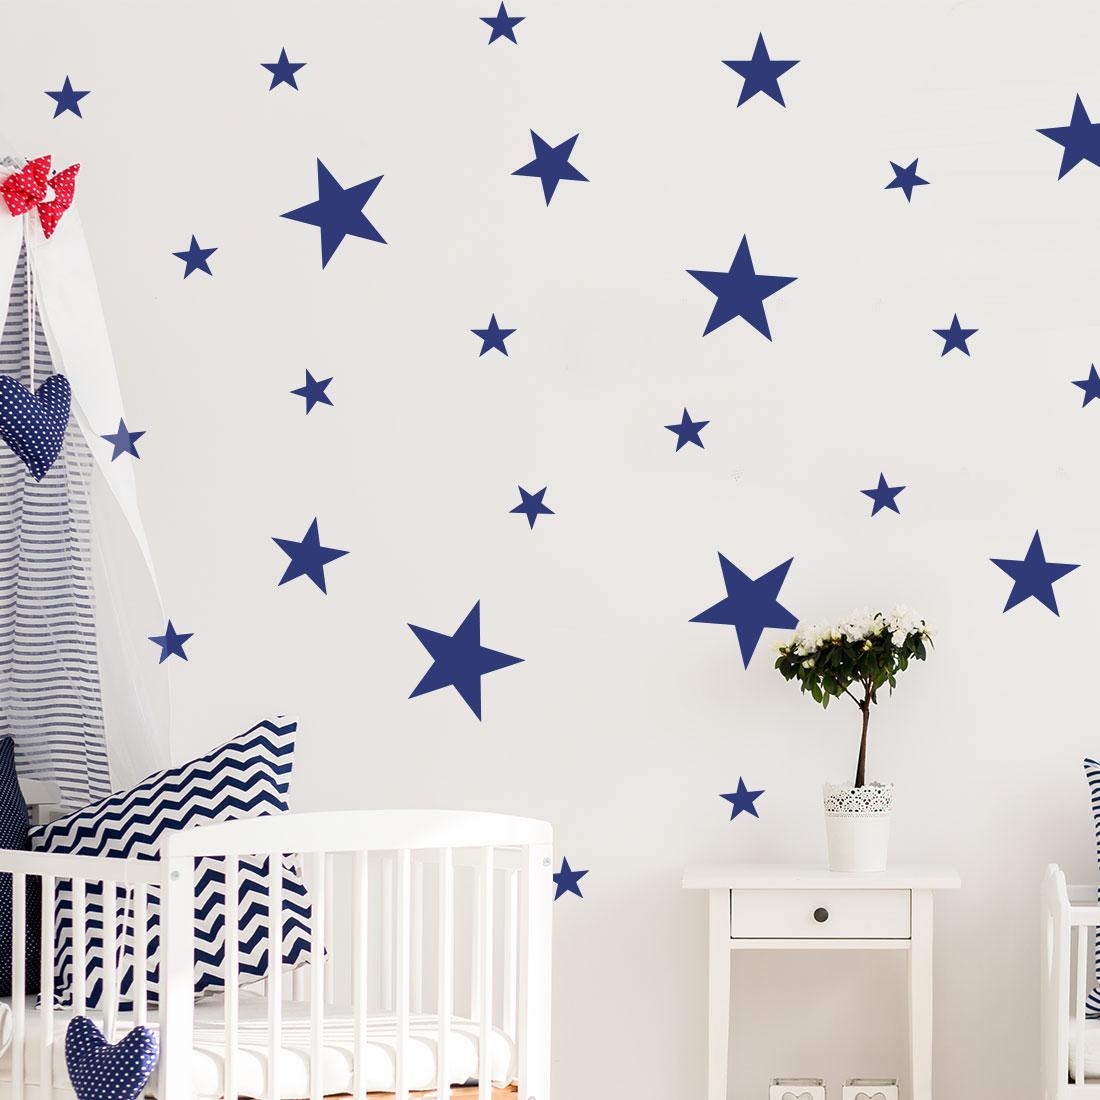 Stickers Voor Op De Muur Kinderkamer.Scandinavische Kinderkamer Accessoires Ideeen Bekijk Dit Blog